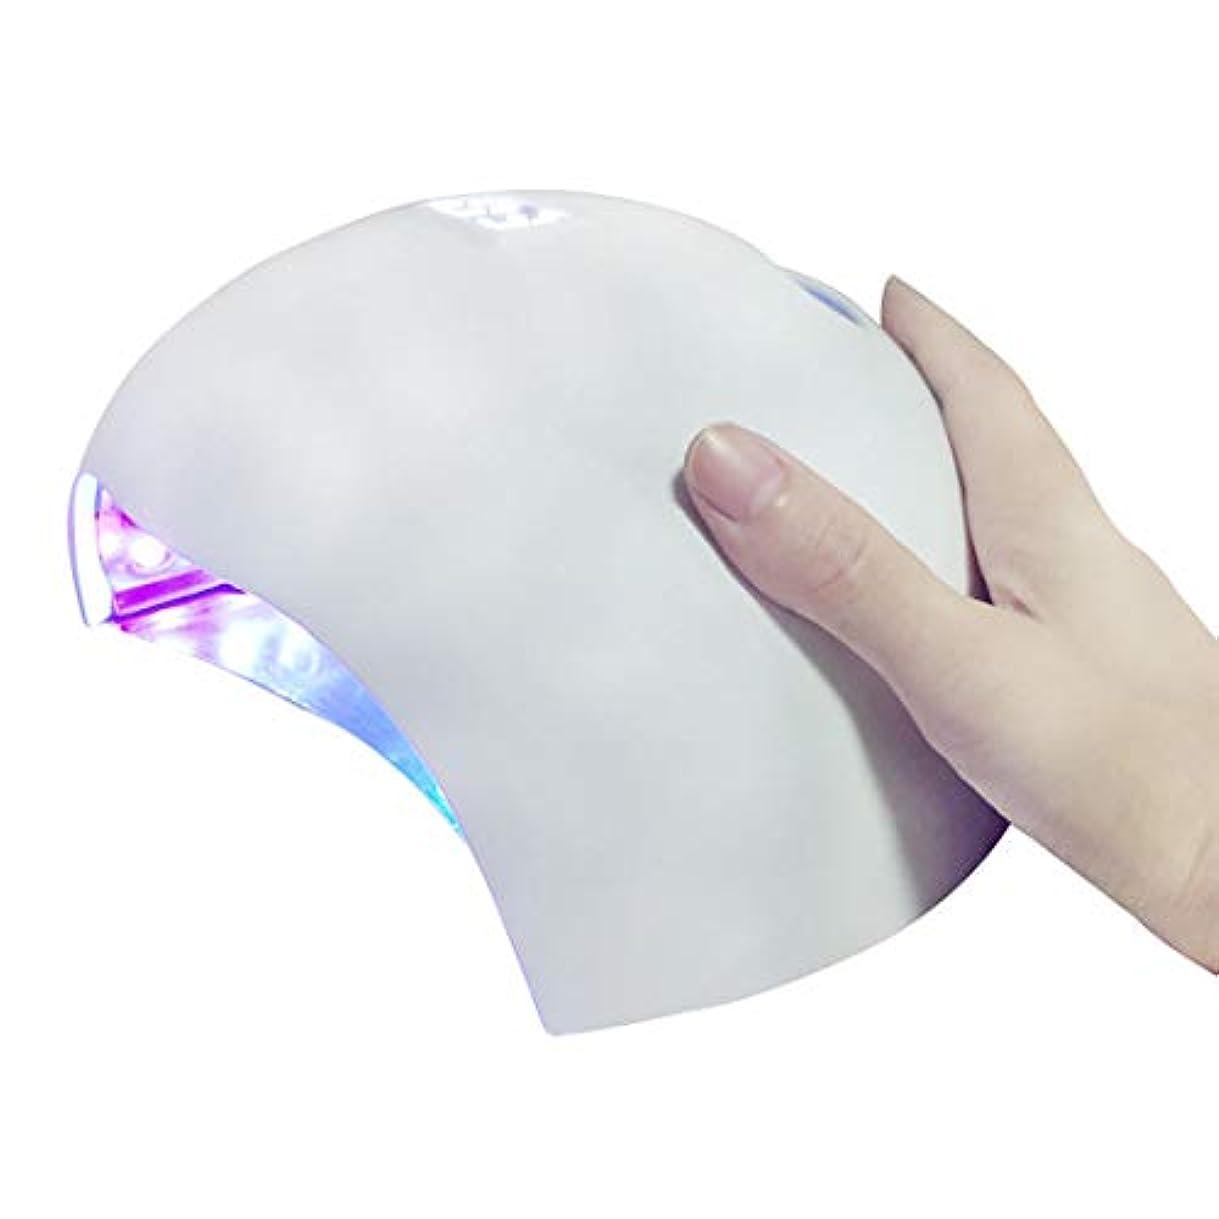 ヒット指令推定シェラックおよびゲルの釘のための専門の紫外線およびLEDの釘ランプそして釘のドライヤーの表示